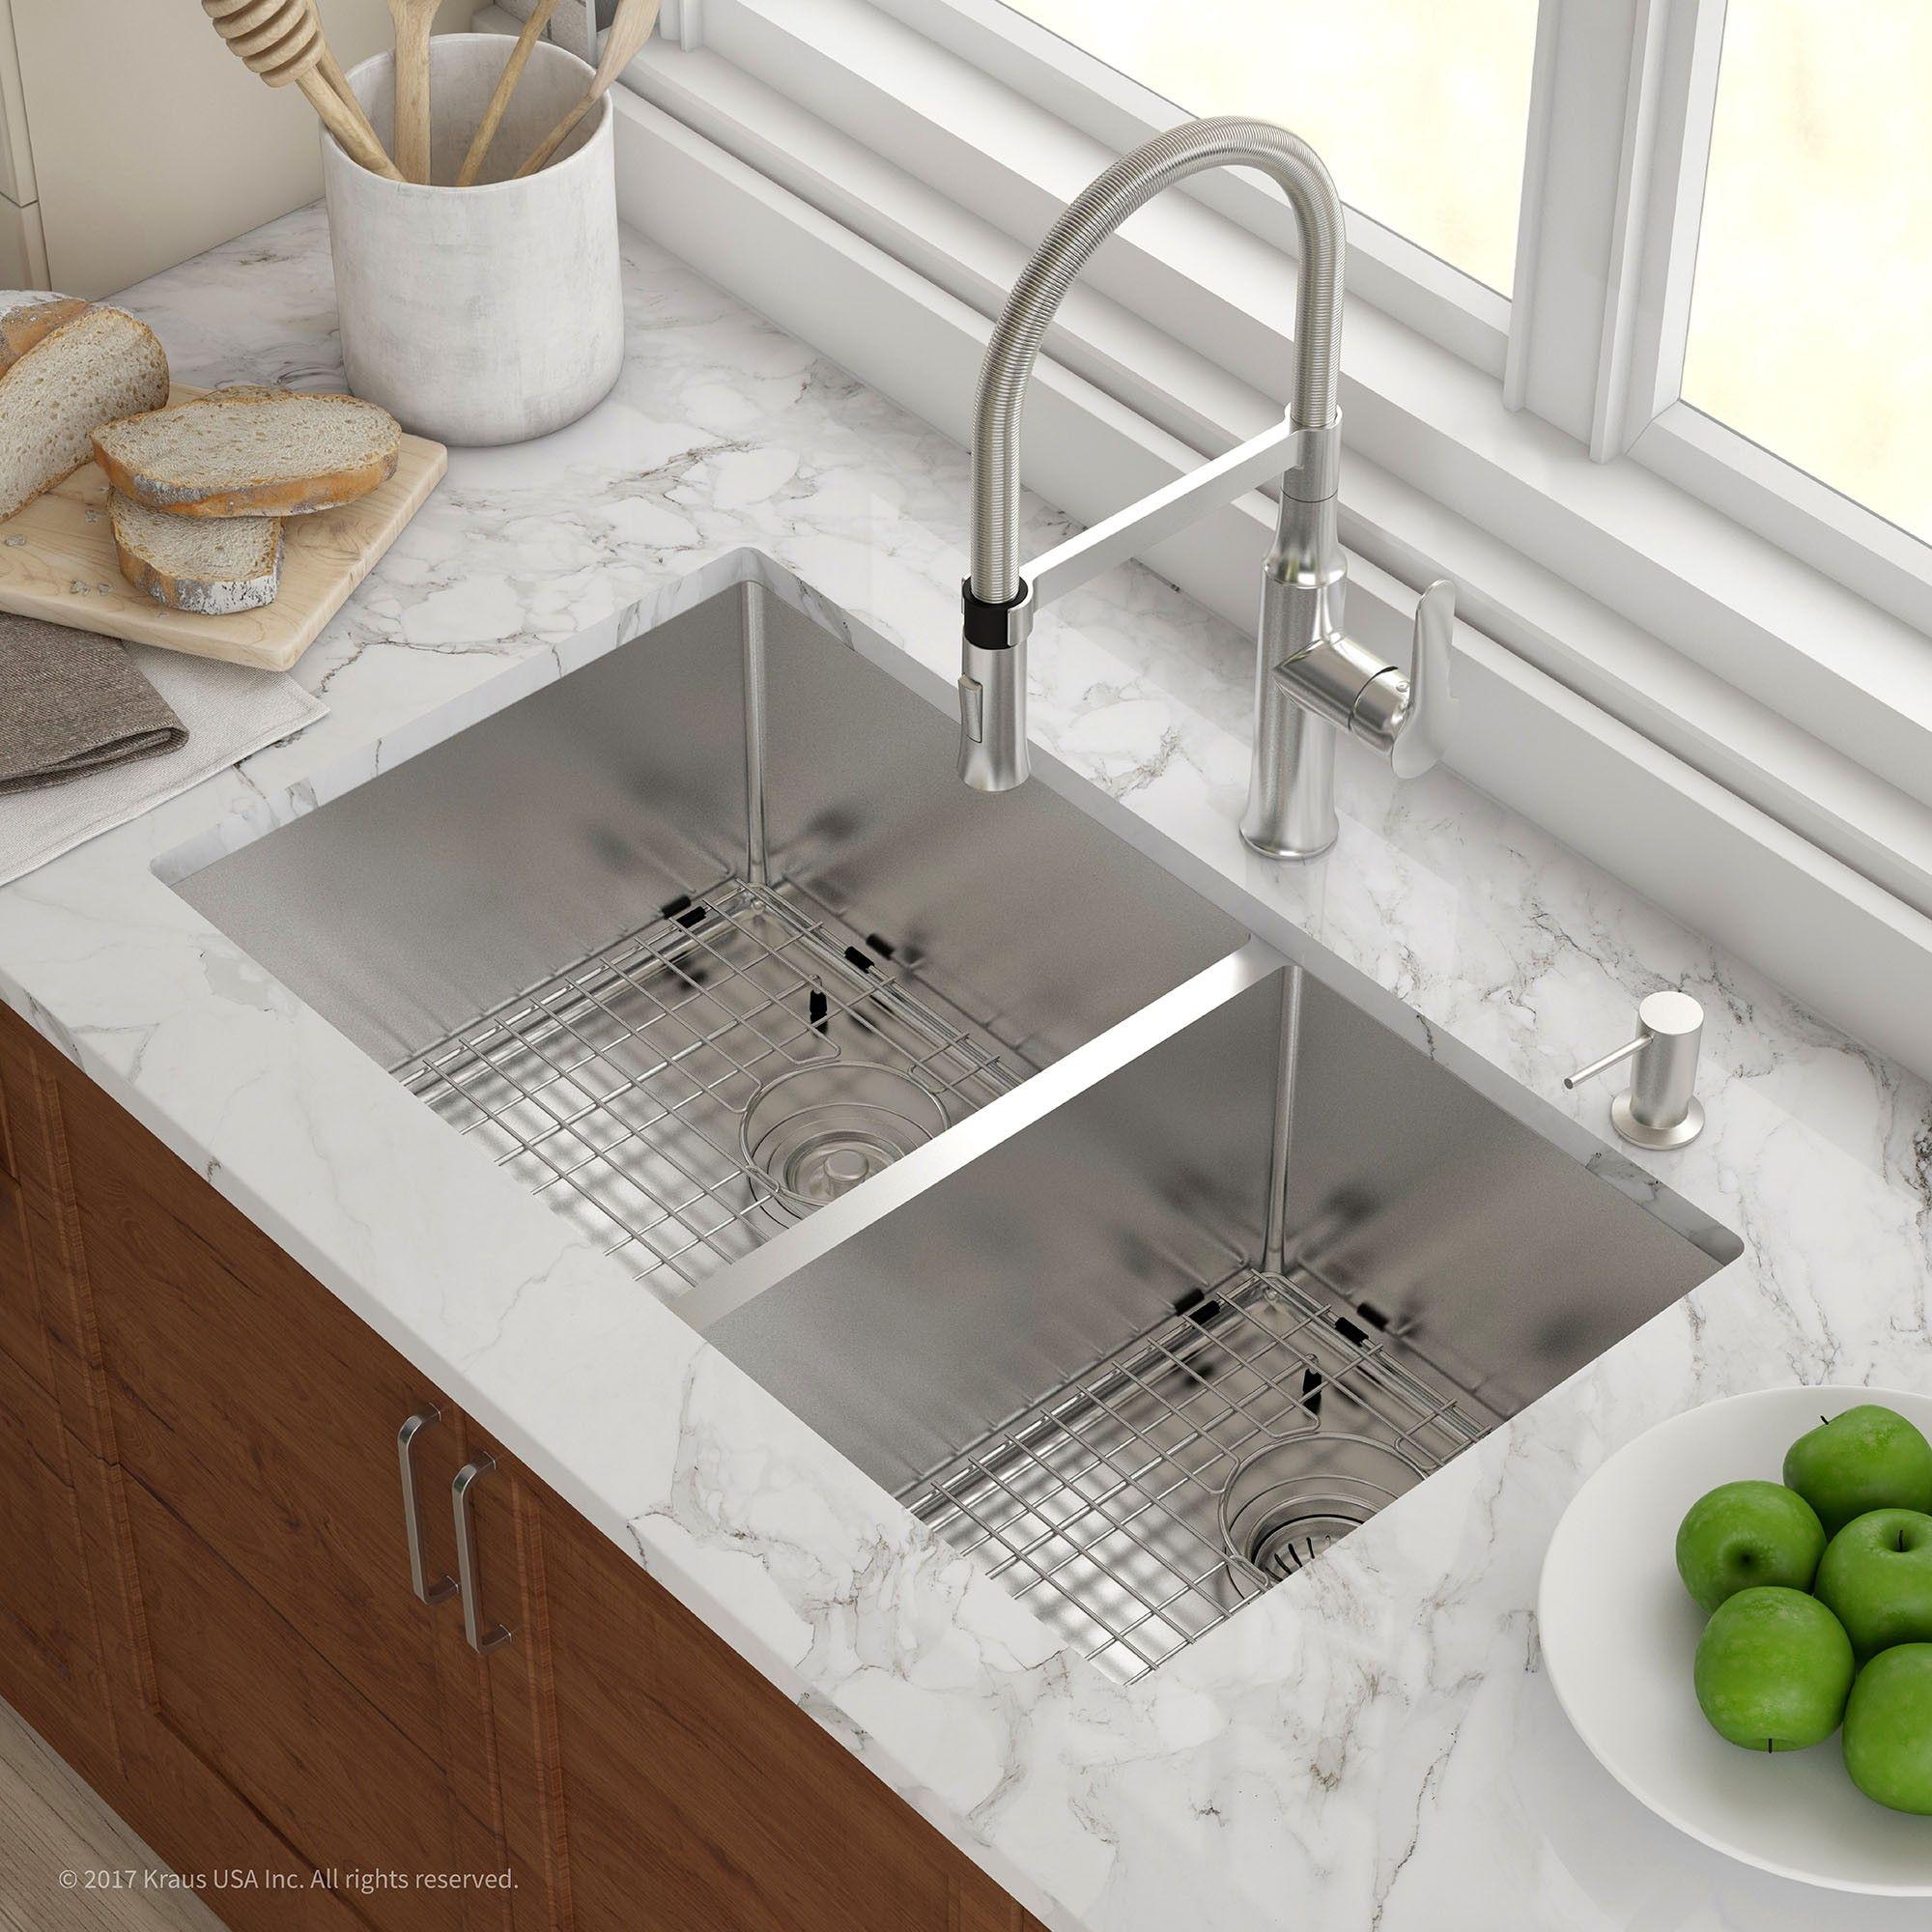 Image Result For Undermount Double Sink For 33 Inch Cabinet Pias De Cozinha Granito Para Cozinha Layout De Cozinha